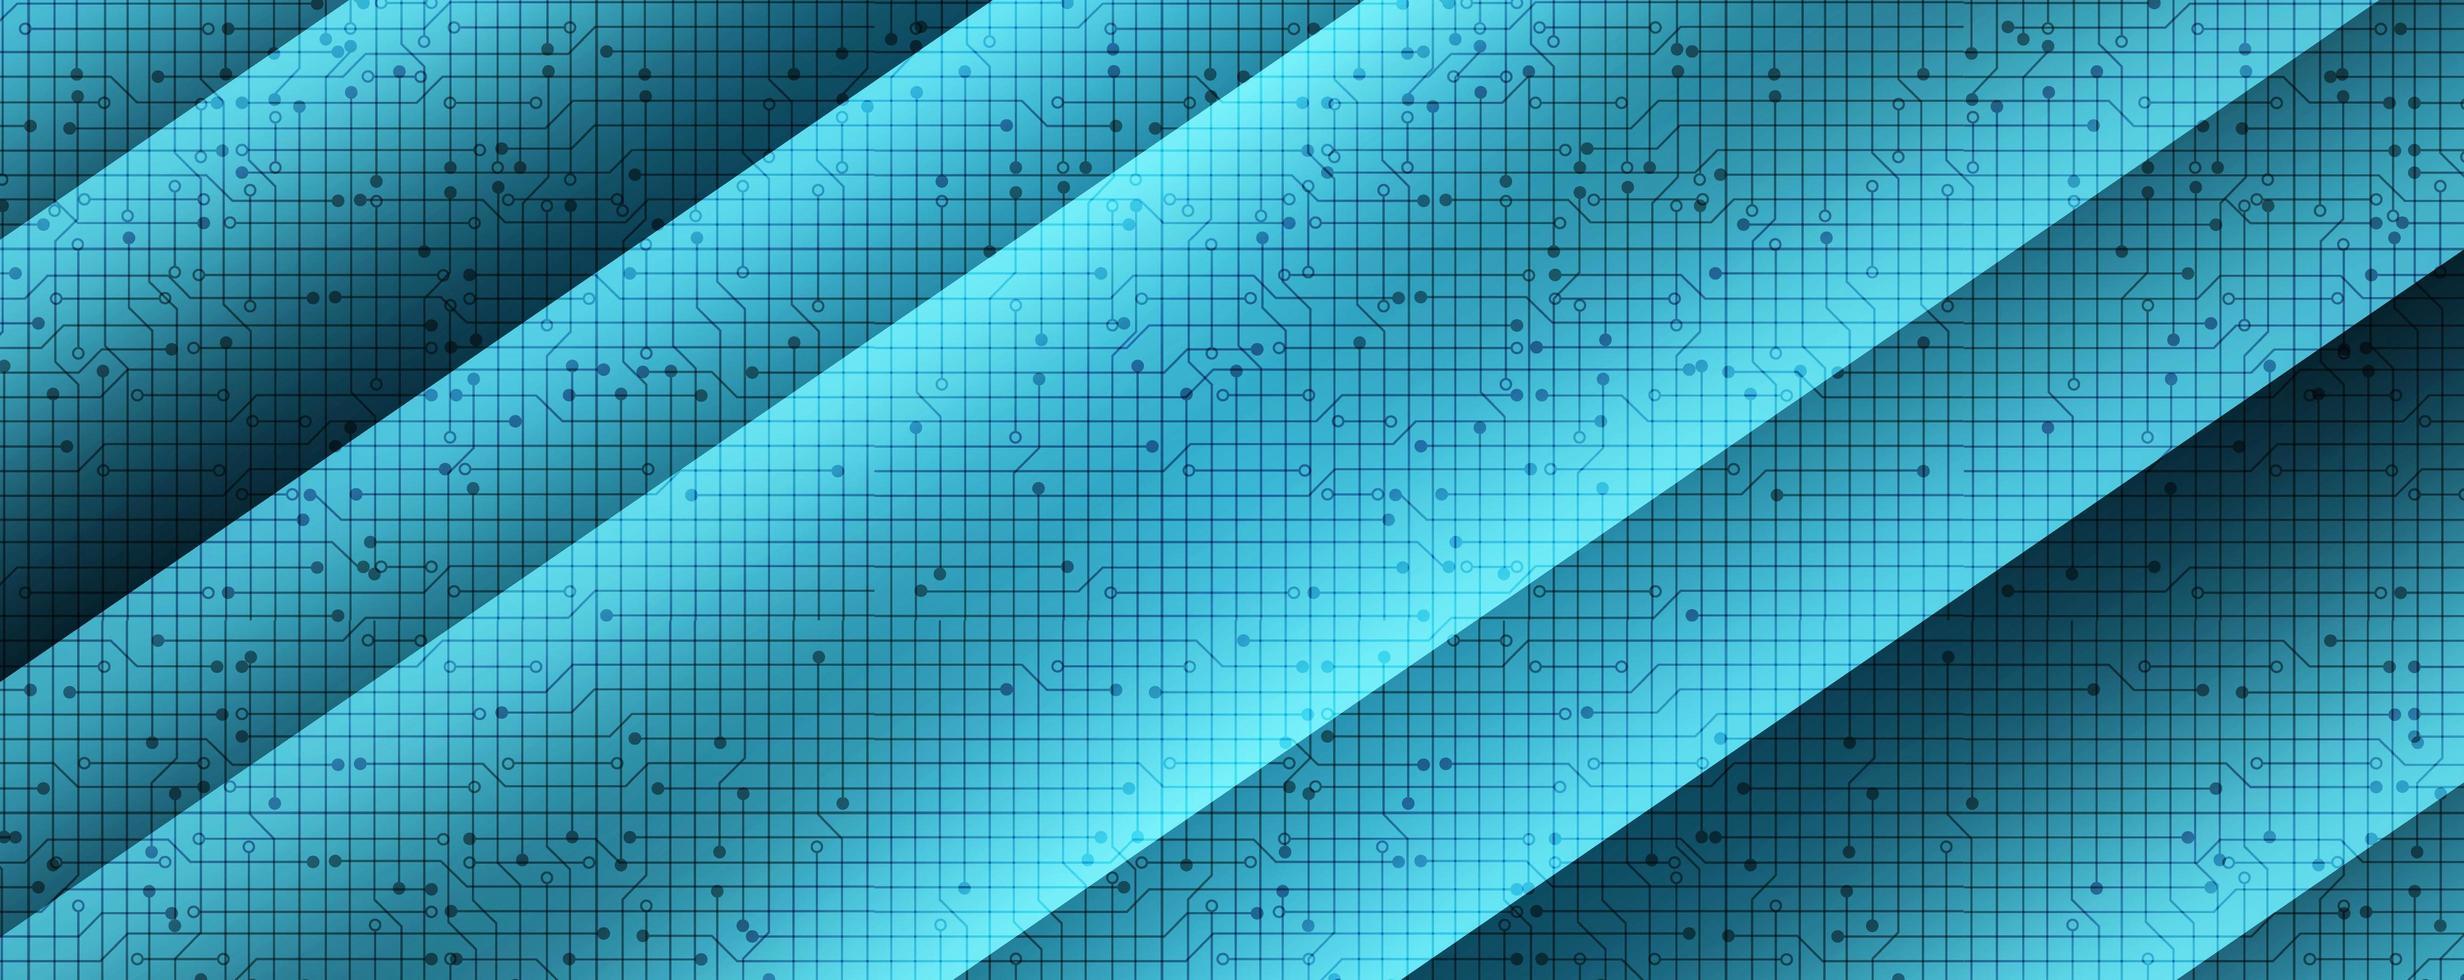 abstrakt kretsmikrochip på teknikbakgrund, högteknologisk och säkerhetskonceptdesign, ledigt utrymme för text vektor